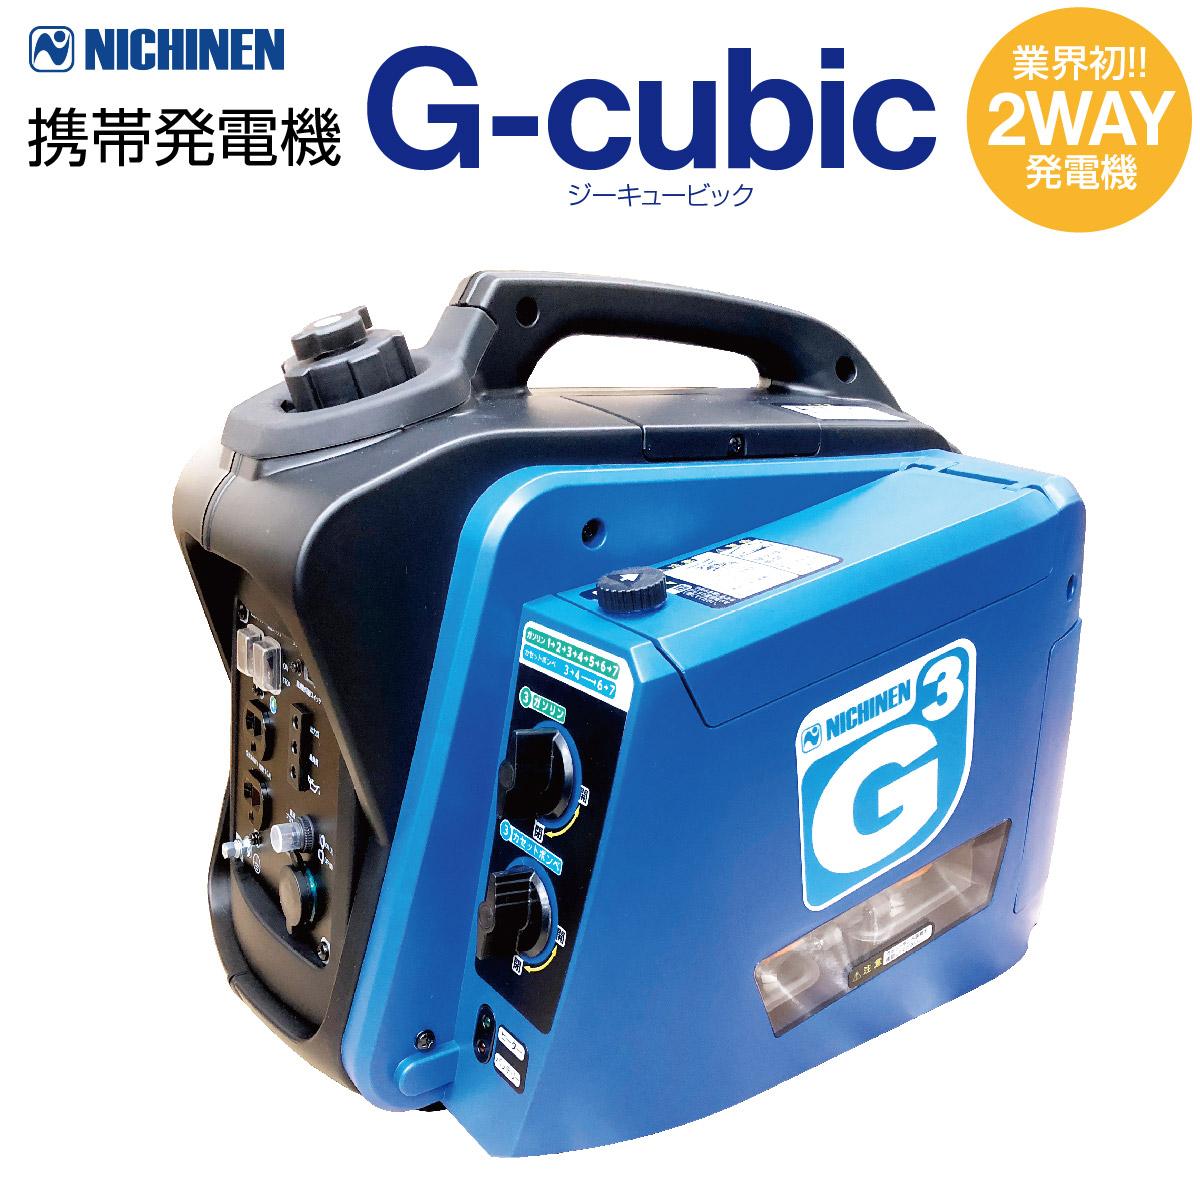 発電機 2WAY カセットボンベ ガソリン ニチネン ジーキュービック 小型 家庭用 キャンプ インバーター アウトドア g-cubic